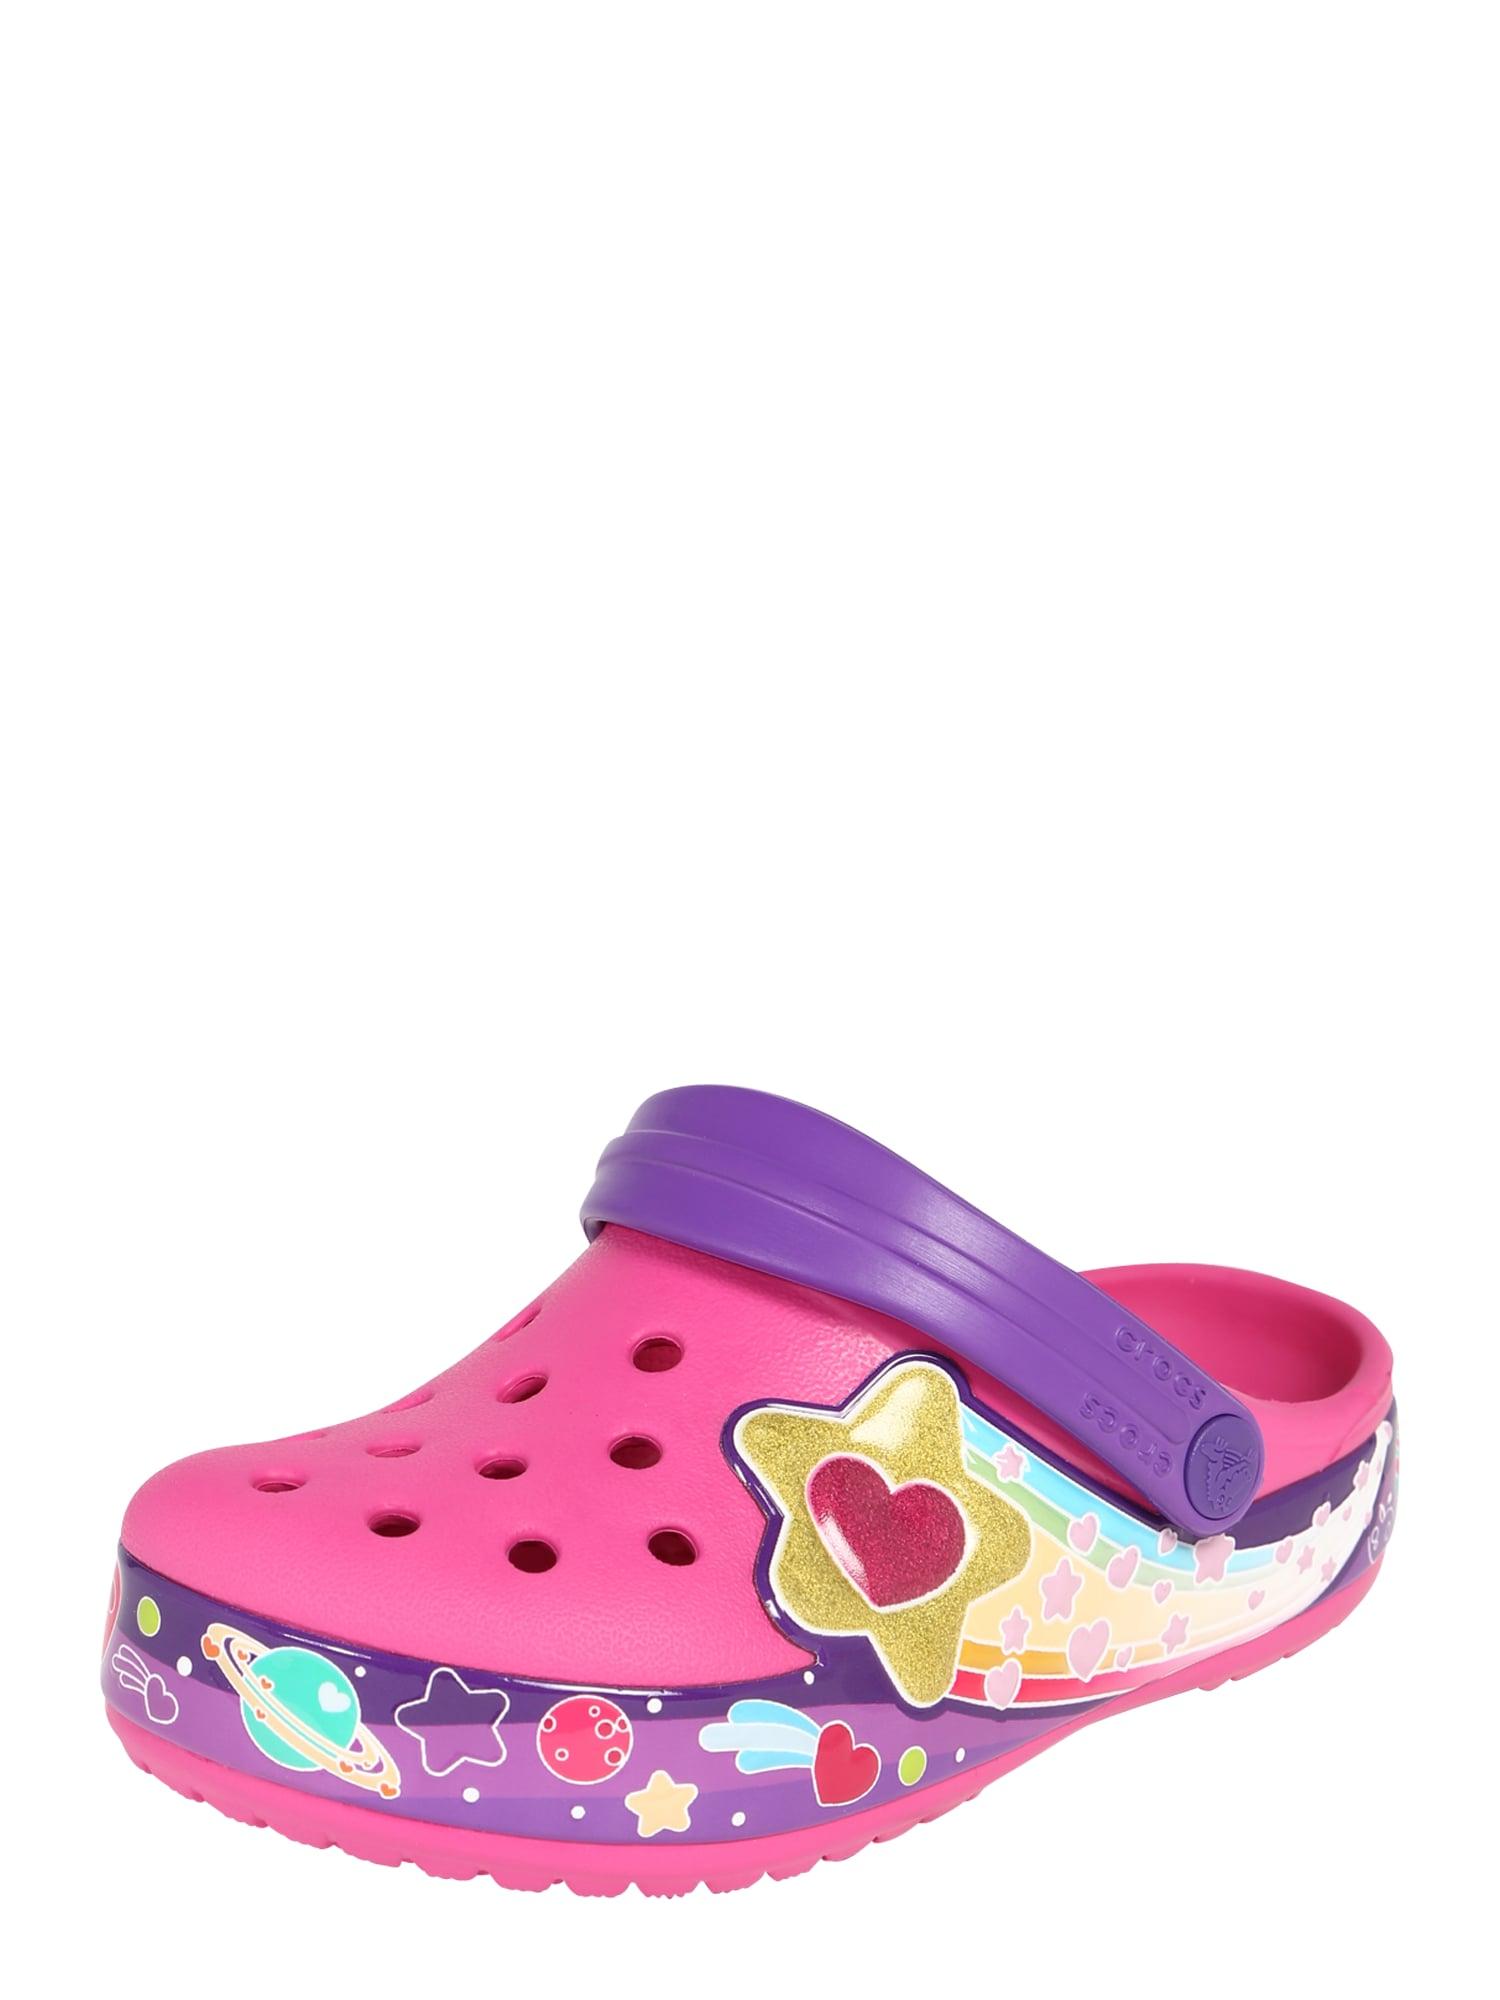 Polobotky Galactic Hearts fuchsiová Crocs